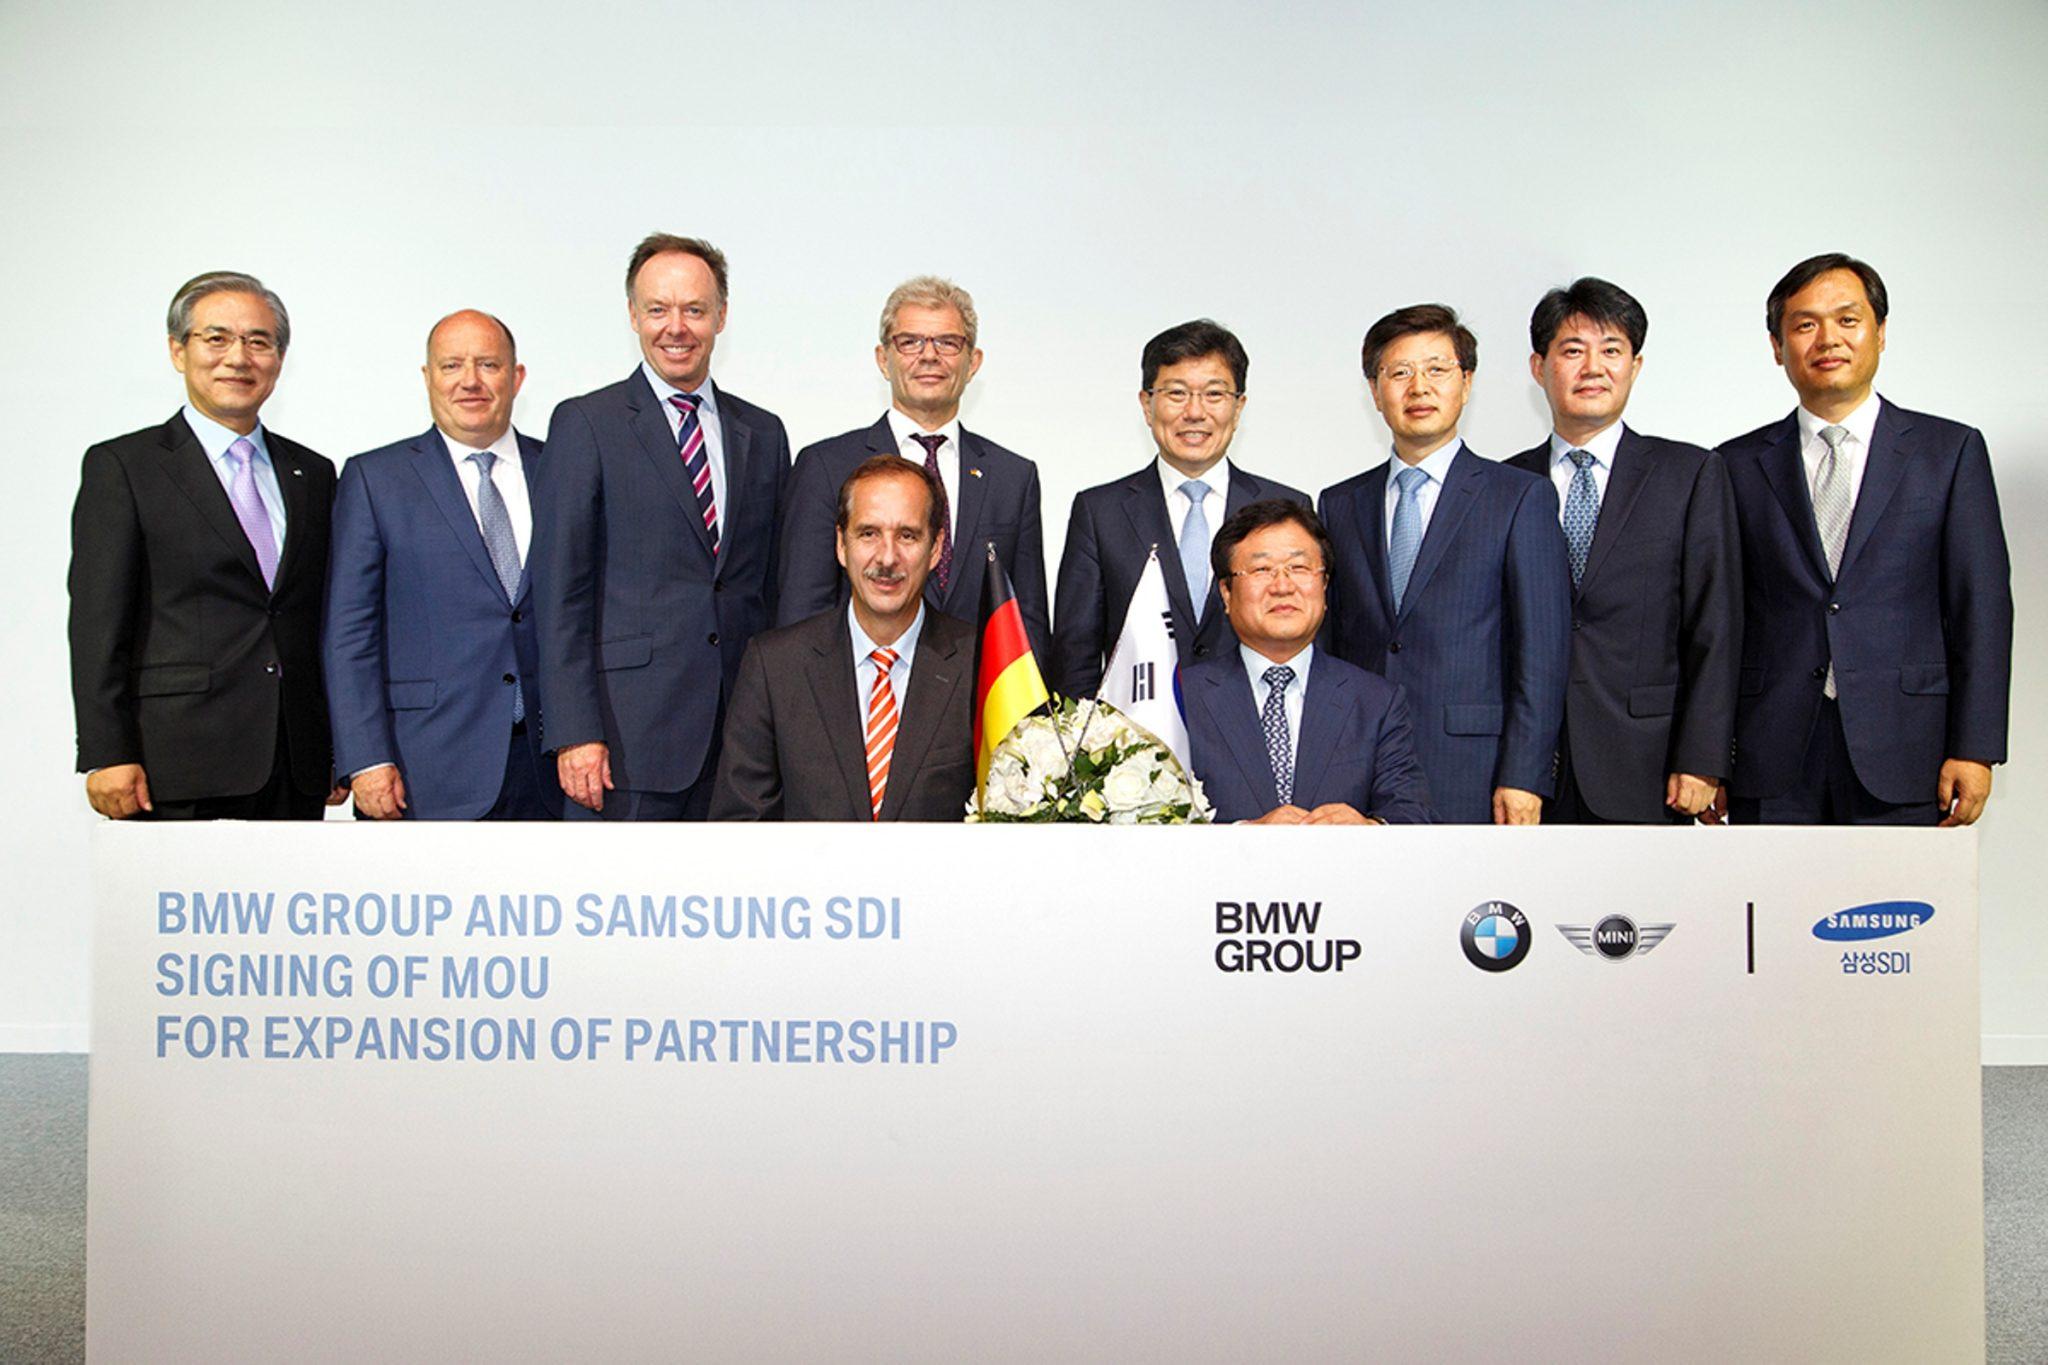 BMW Group and Samsung SDI